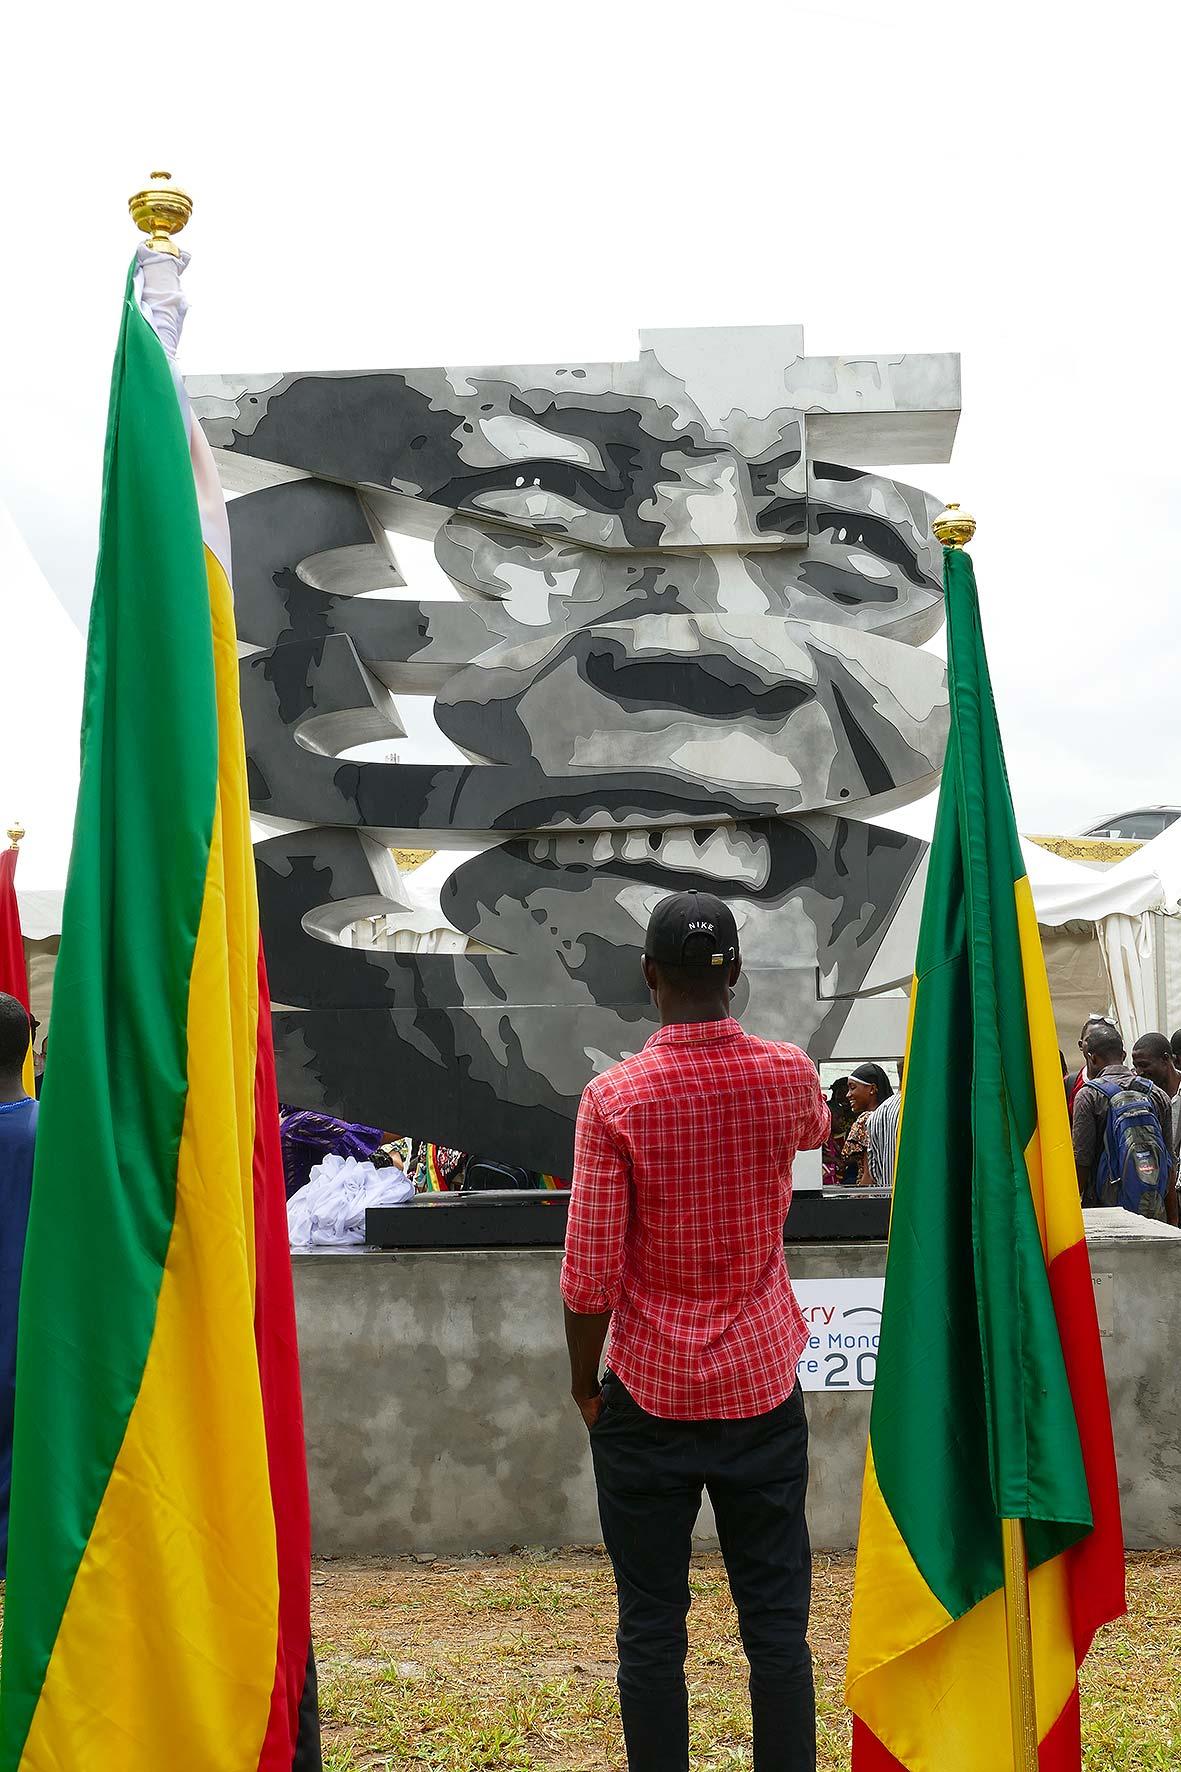 cipre_artiste_sculpteur_inauguration_46664_conakry_capitale_mondiale_du_livre_2017.jpg